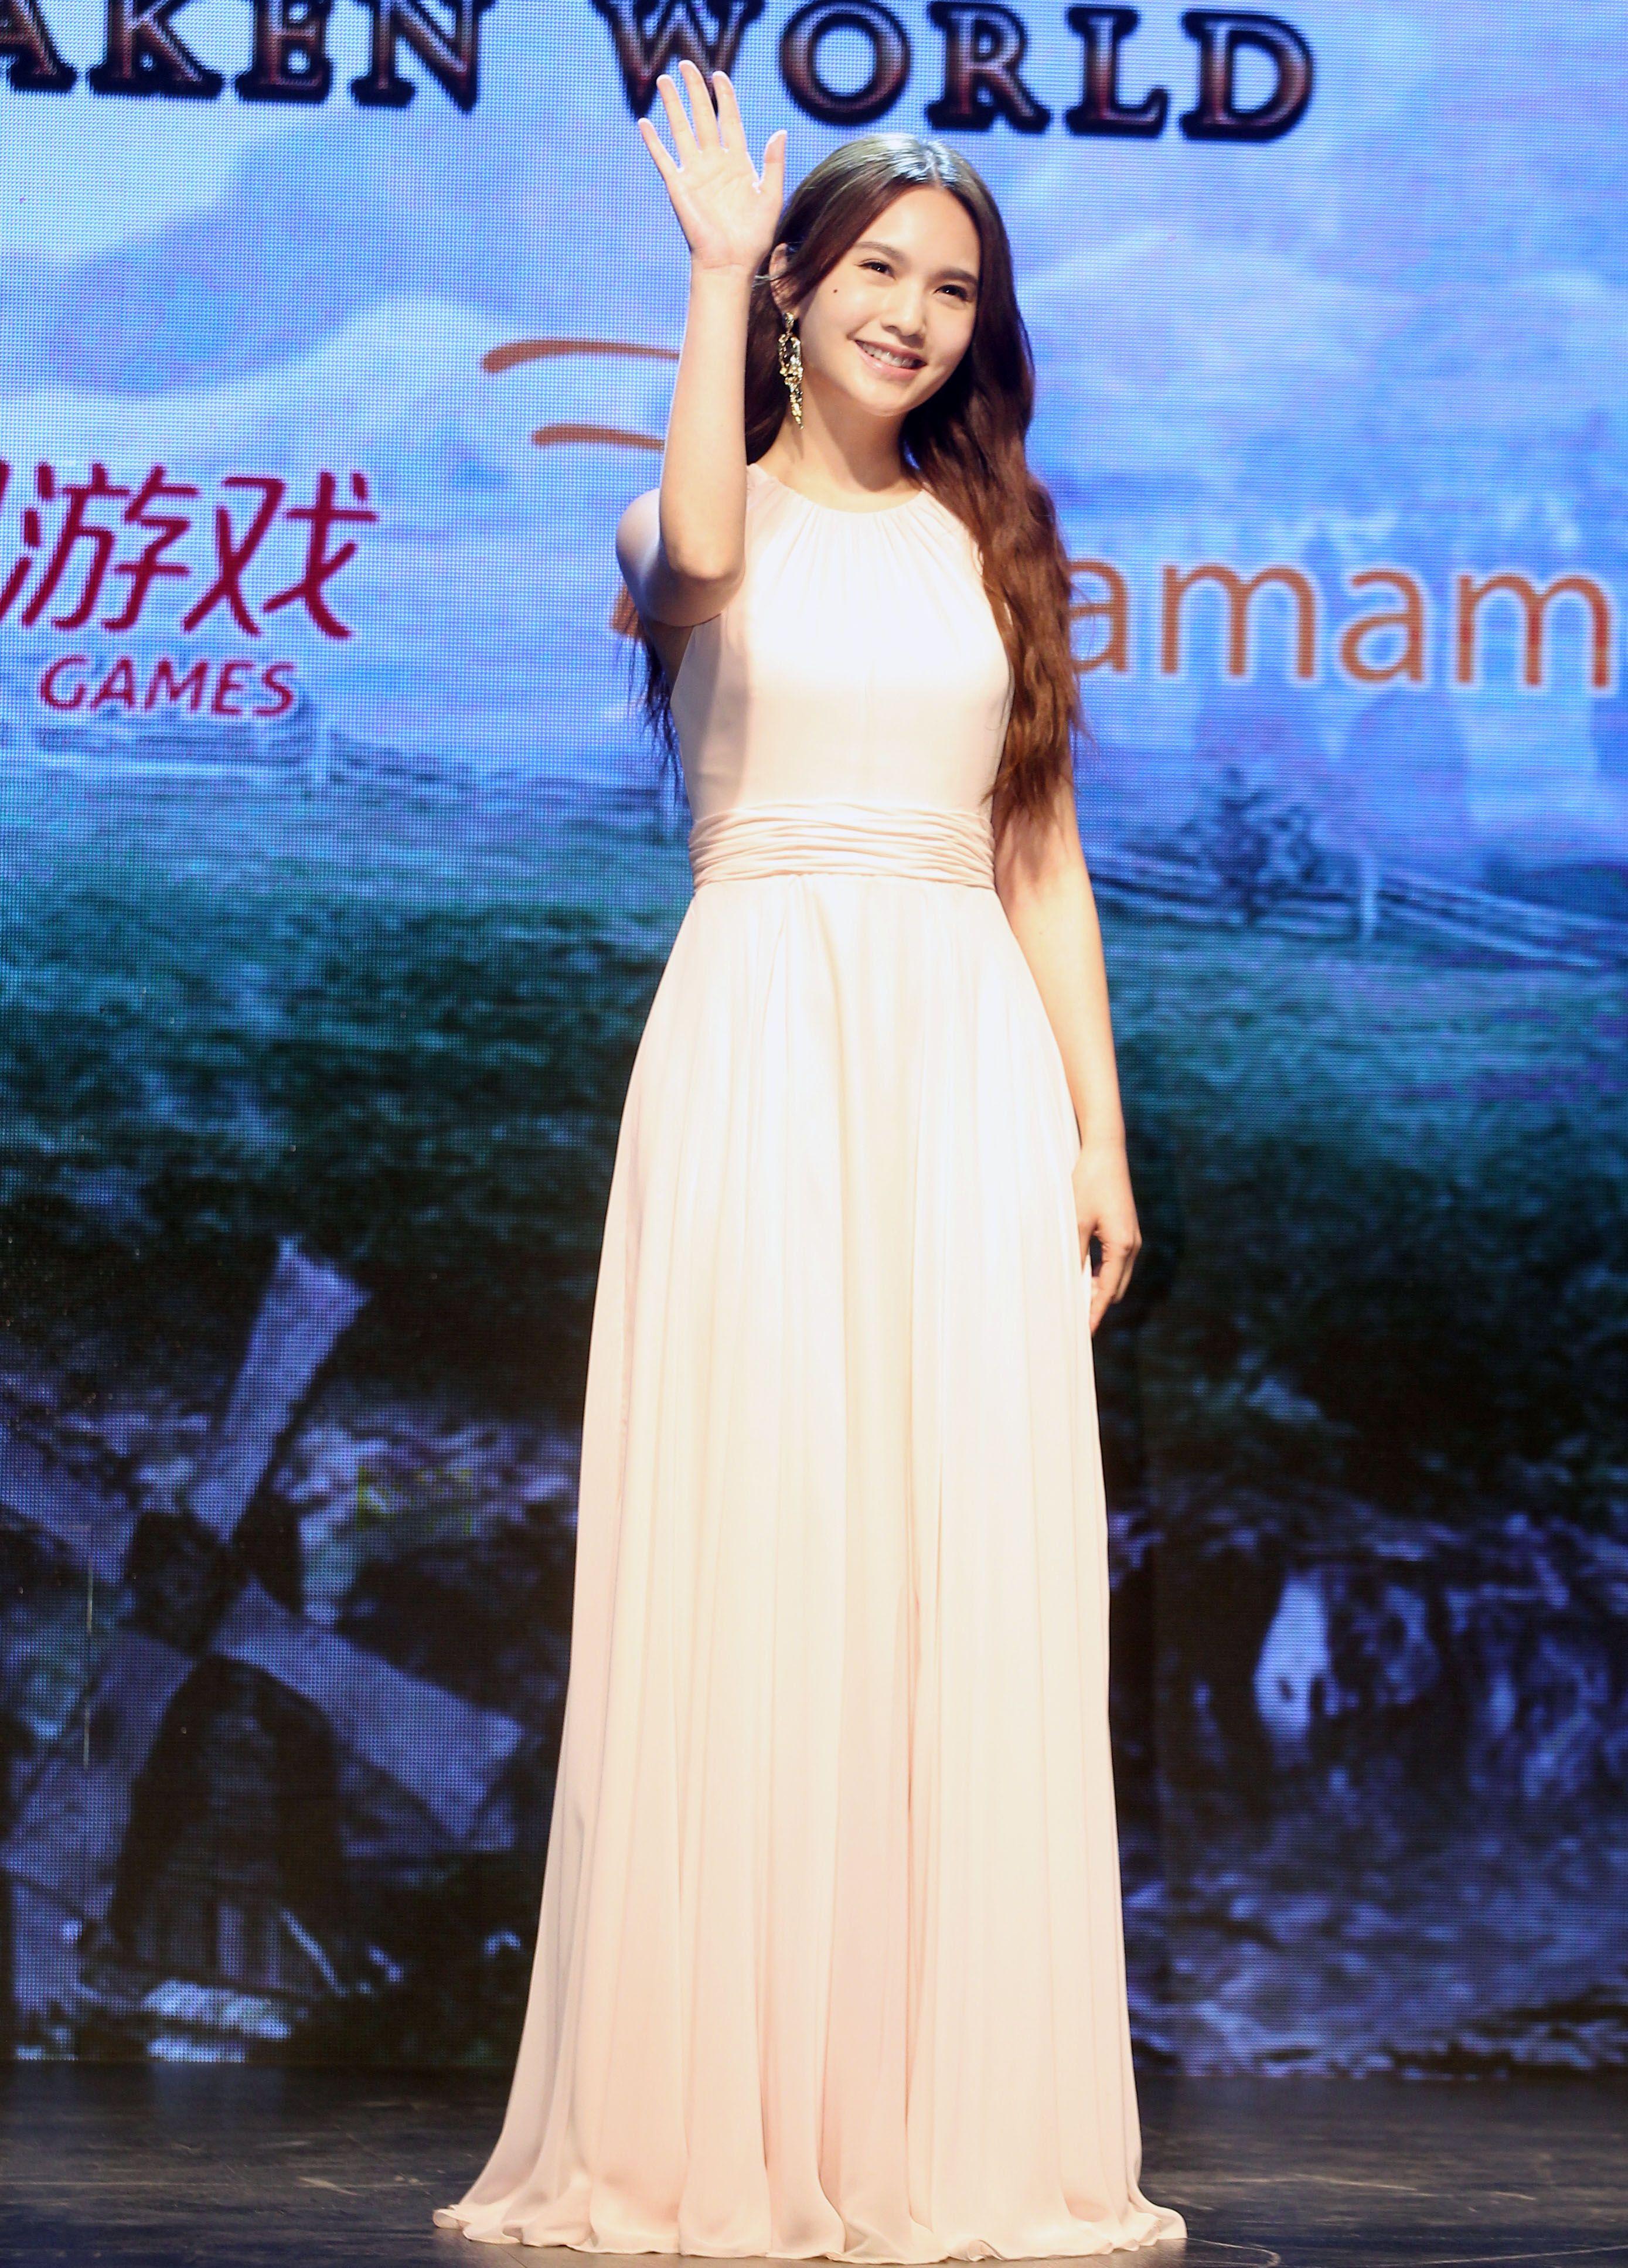 楊丞琳已證實與李榮浩在安徽合肥領證結婚。(記者邱榮吉/攝影)